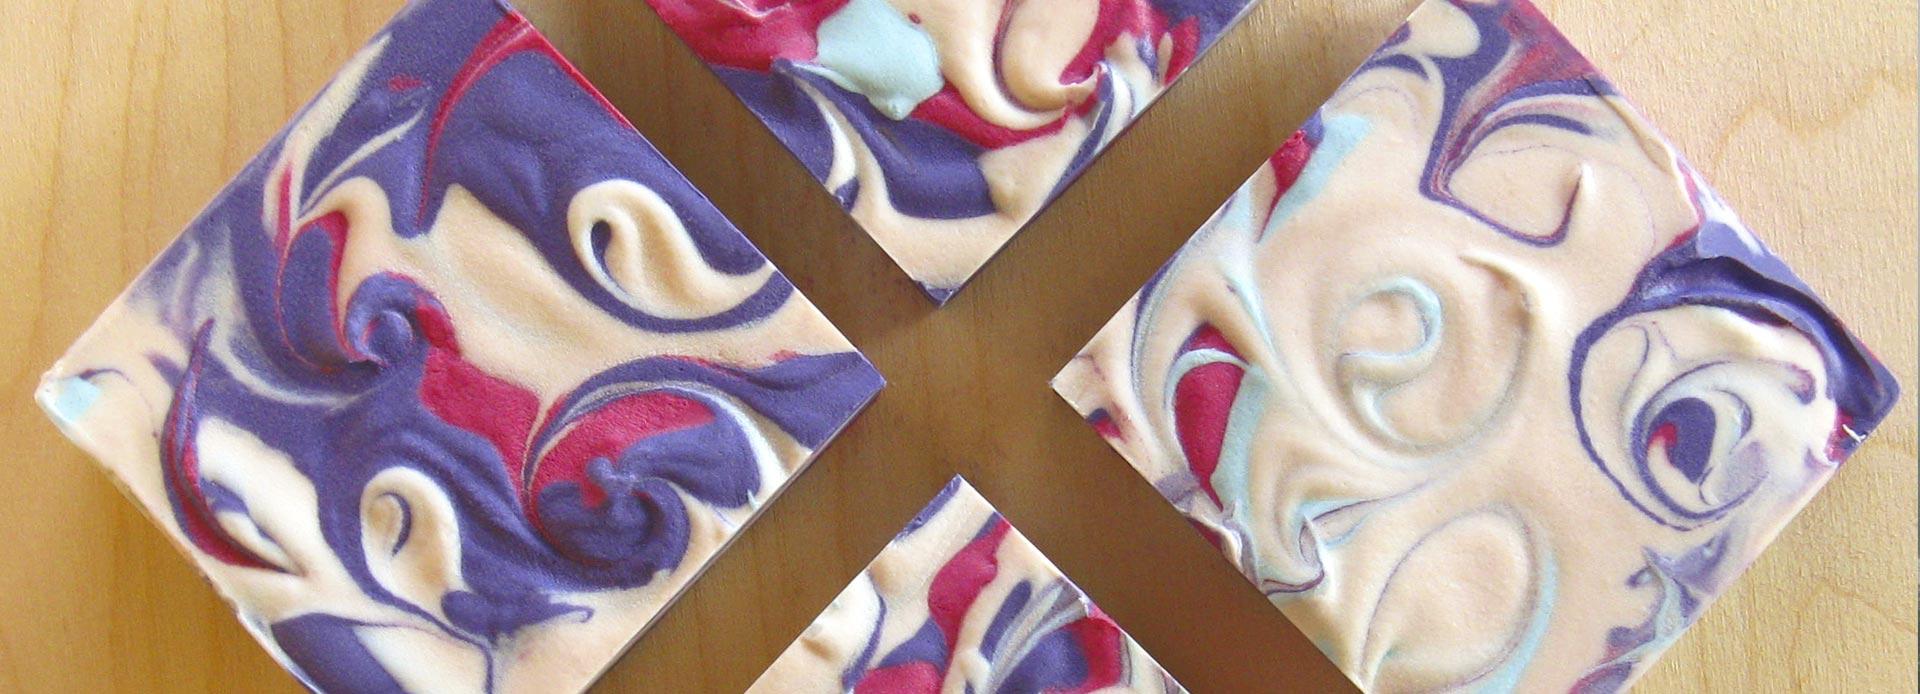 cranberry grape handmade soap